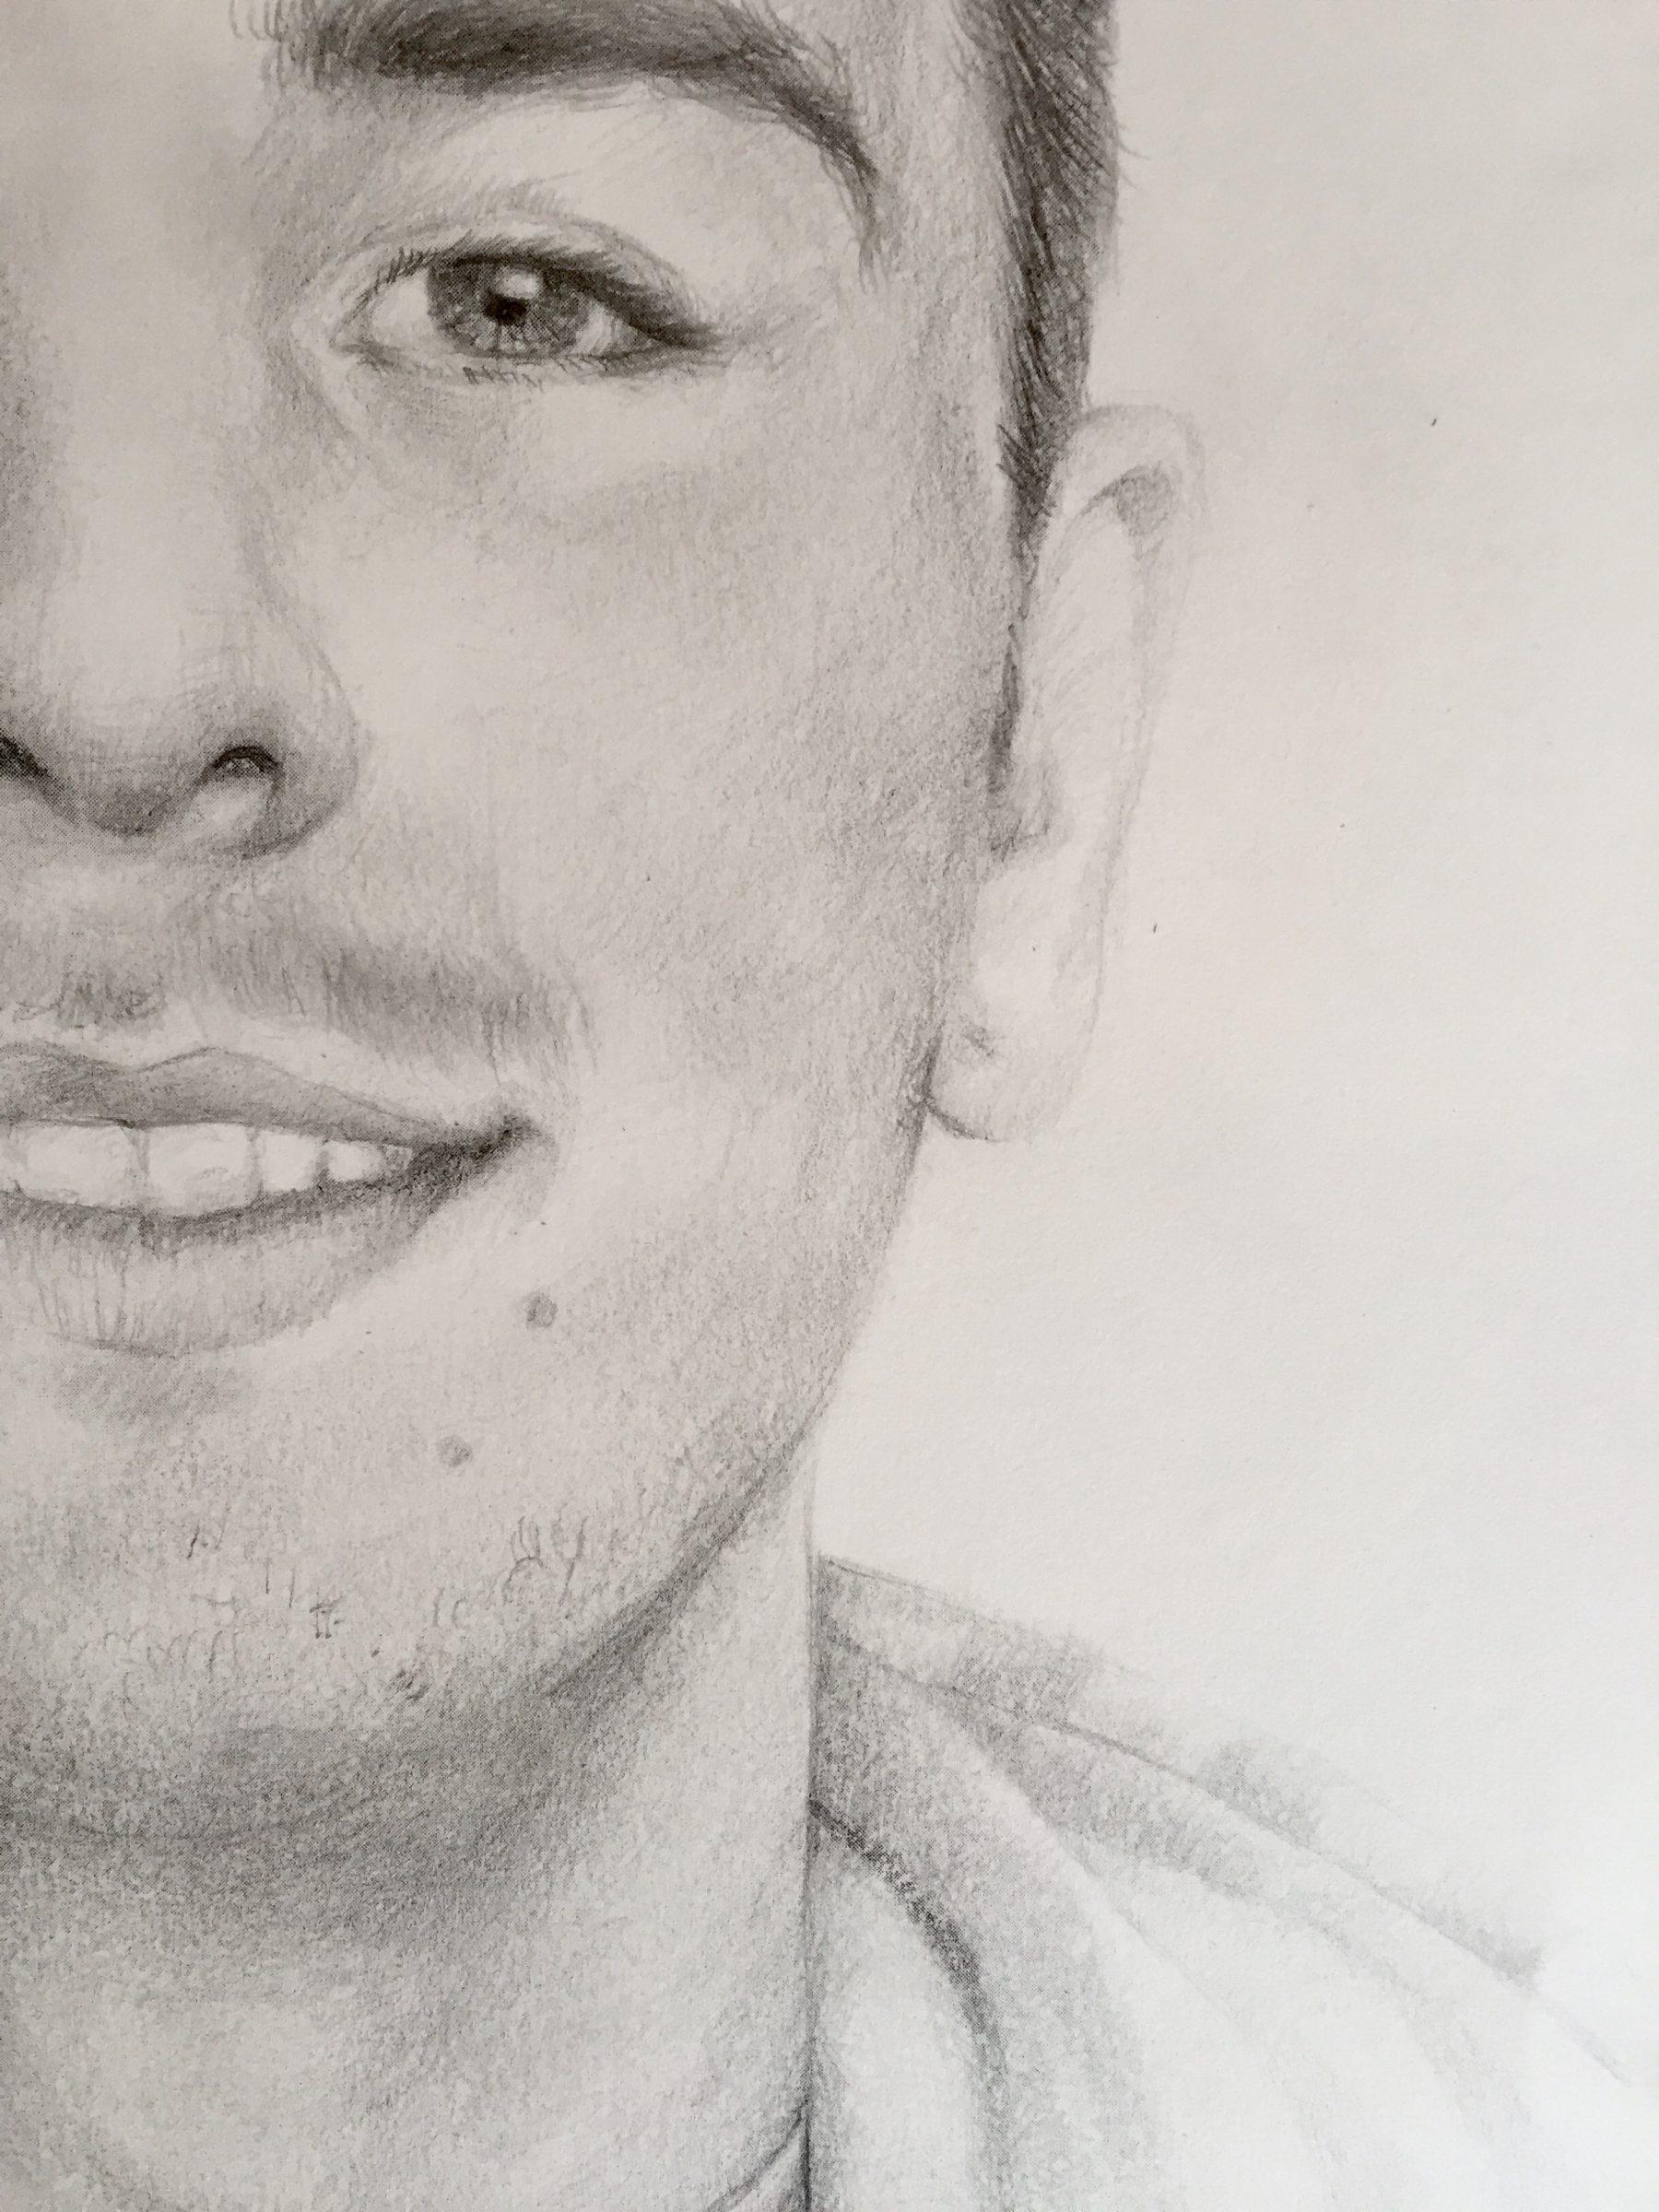 retratos-por-encargo-41-detalle-e1488877890547